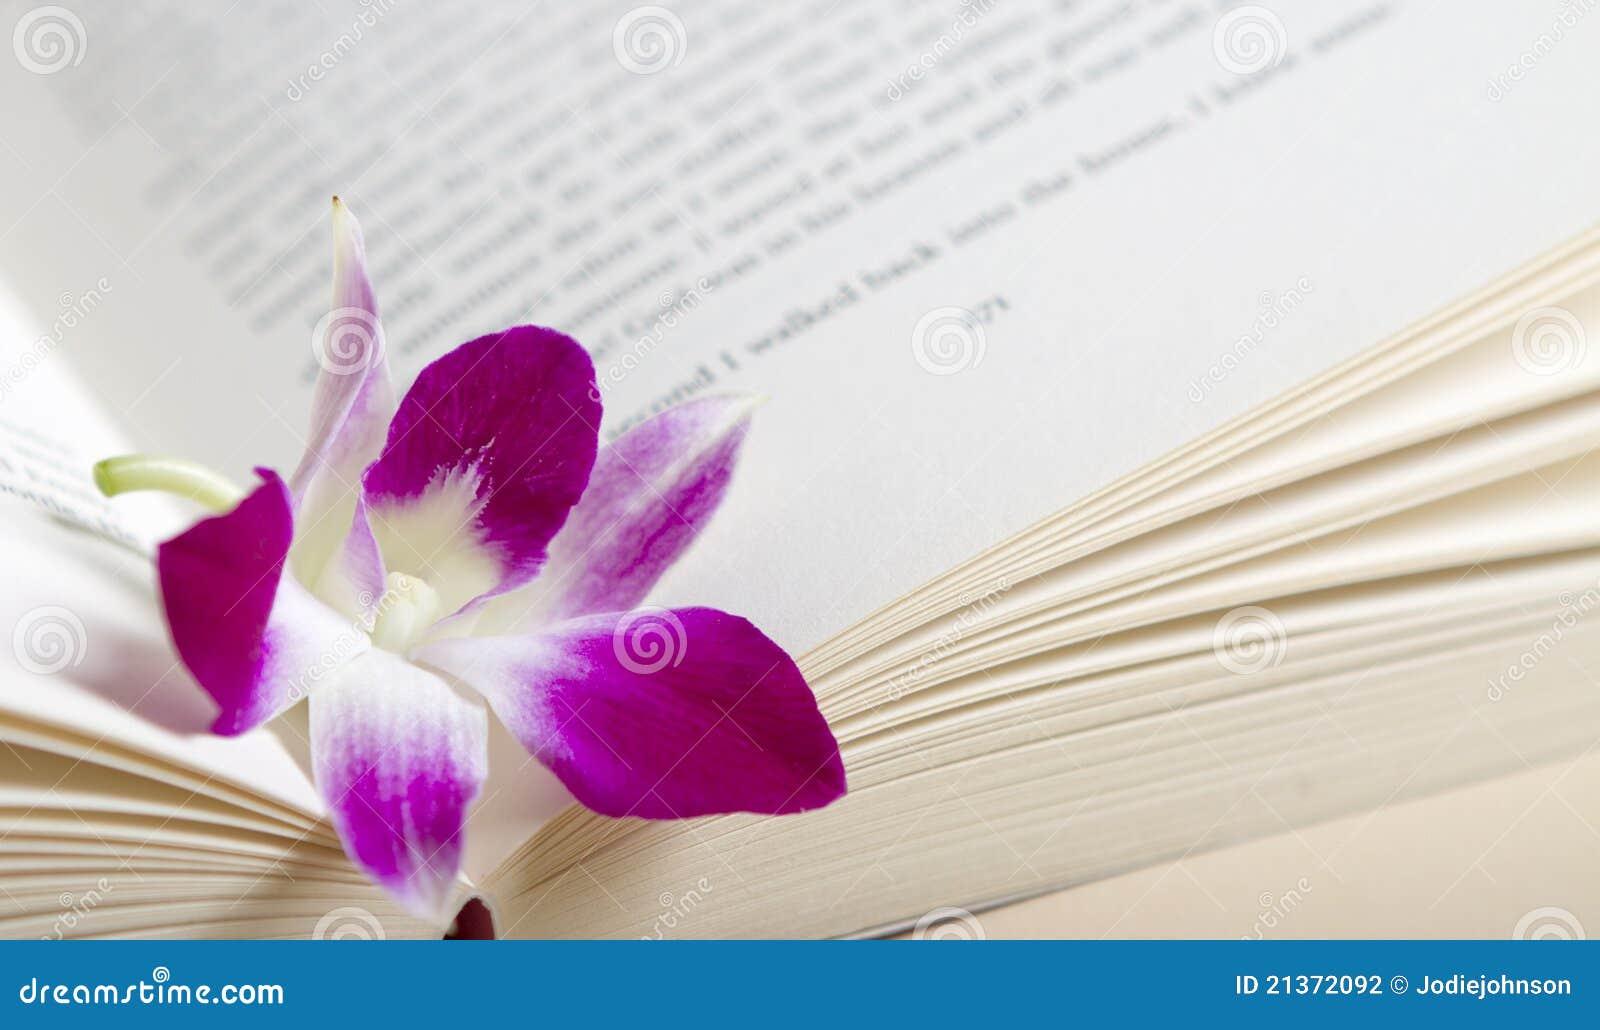 书花兰花粉红色紫色休息